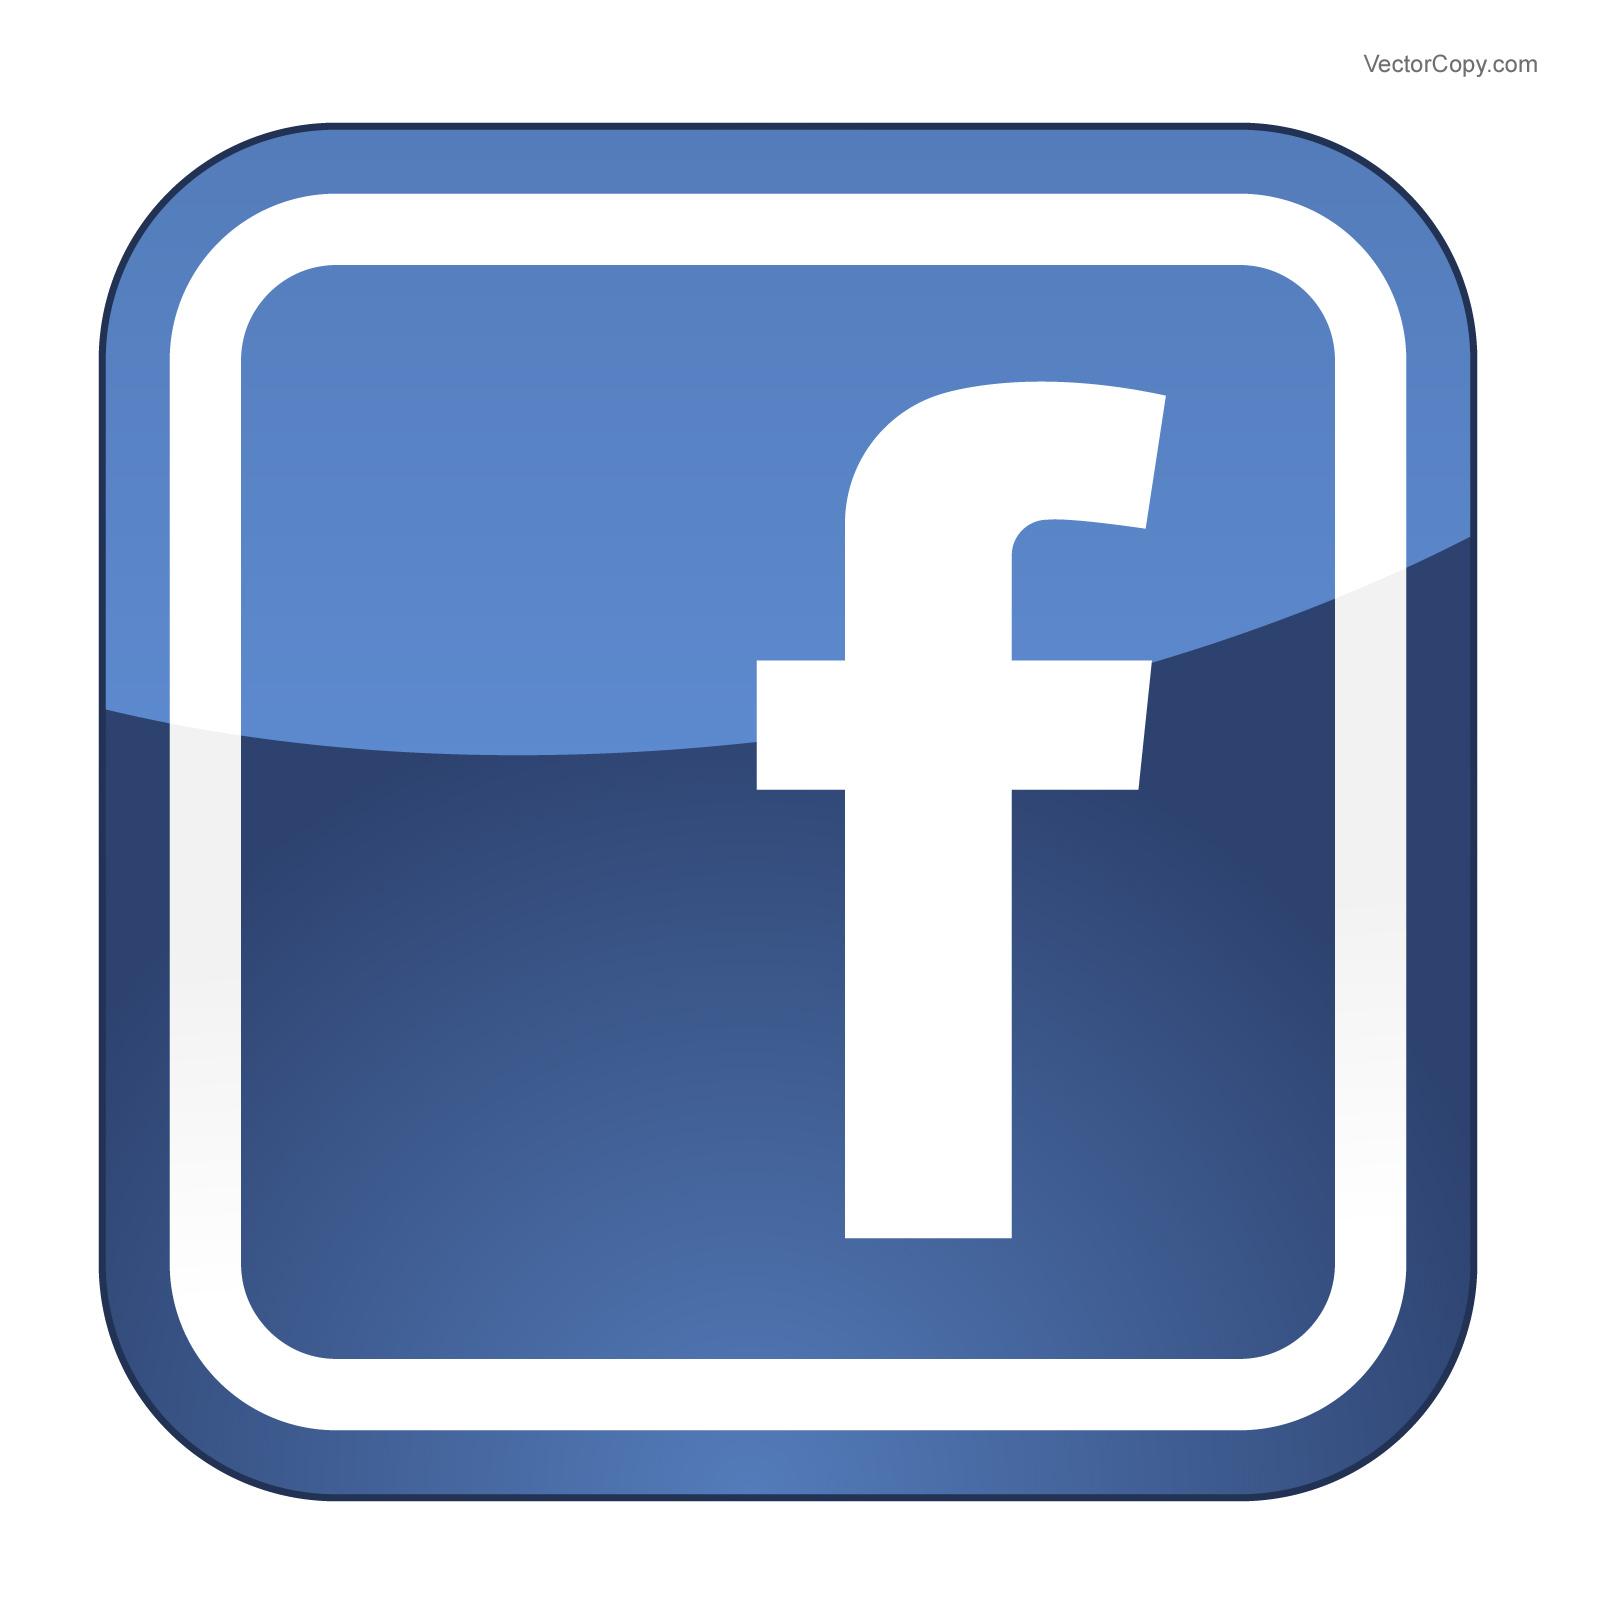 Facebook_logo_vector-2